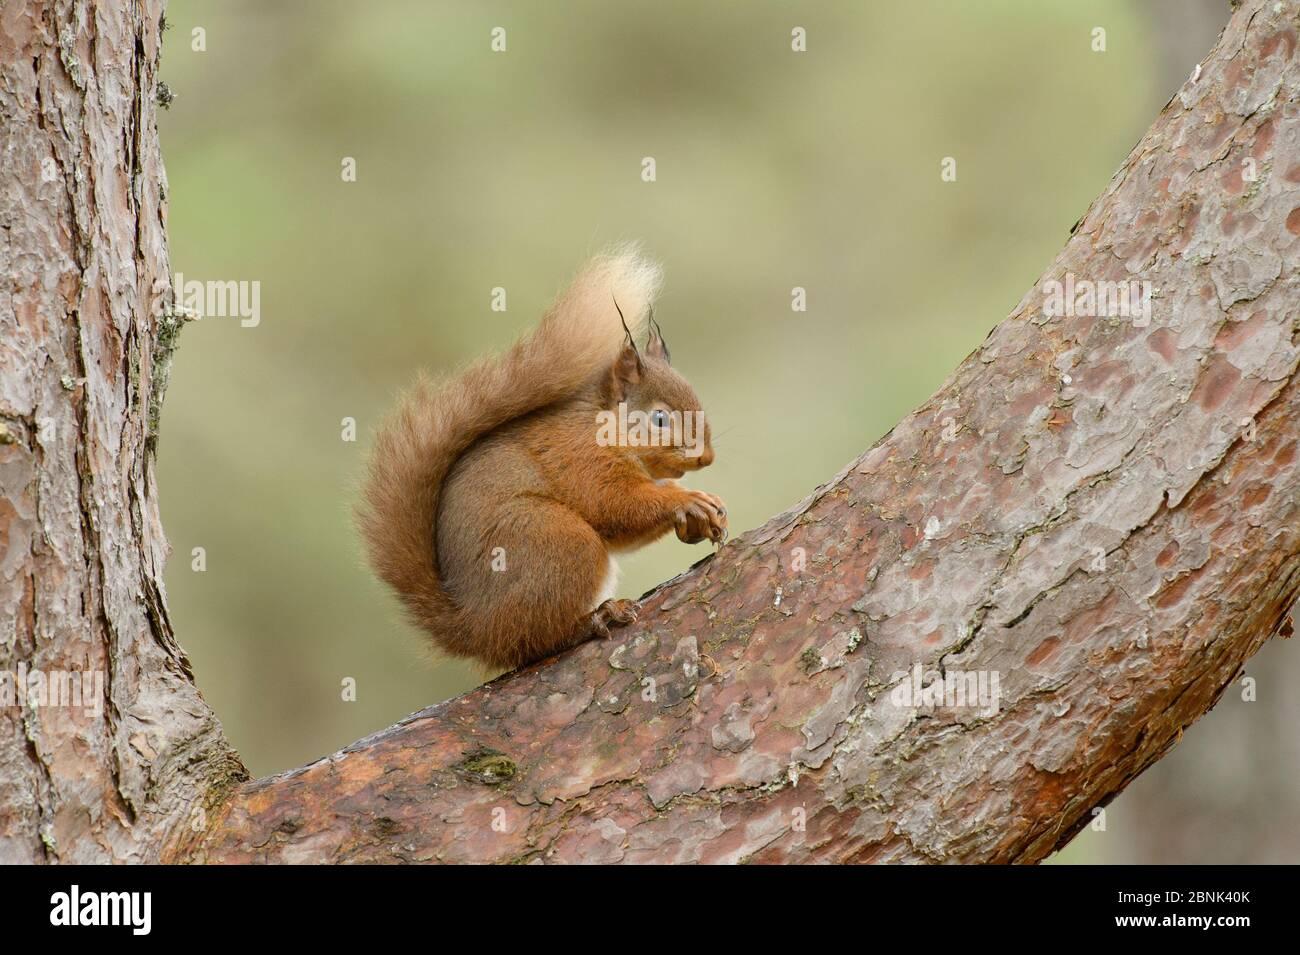 Écureuil roux (Sciurus vulgaris) Île Noire, Écosse, Royaume-Uni. Février Banque D'Images